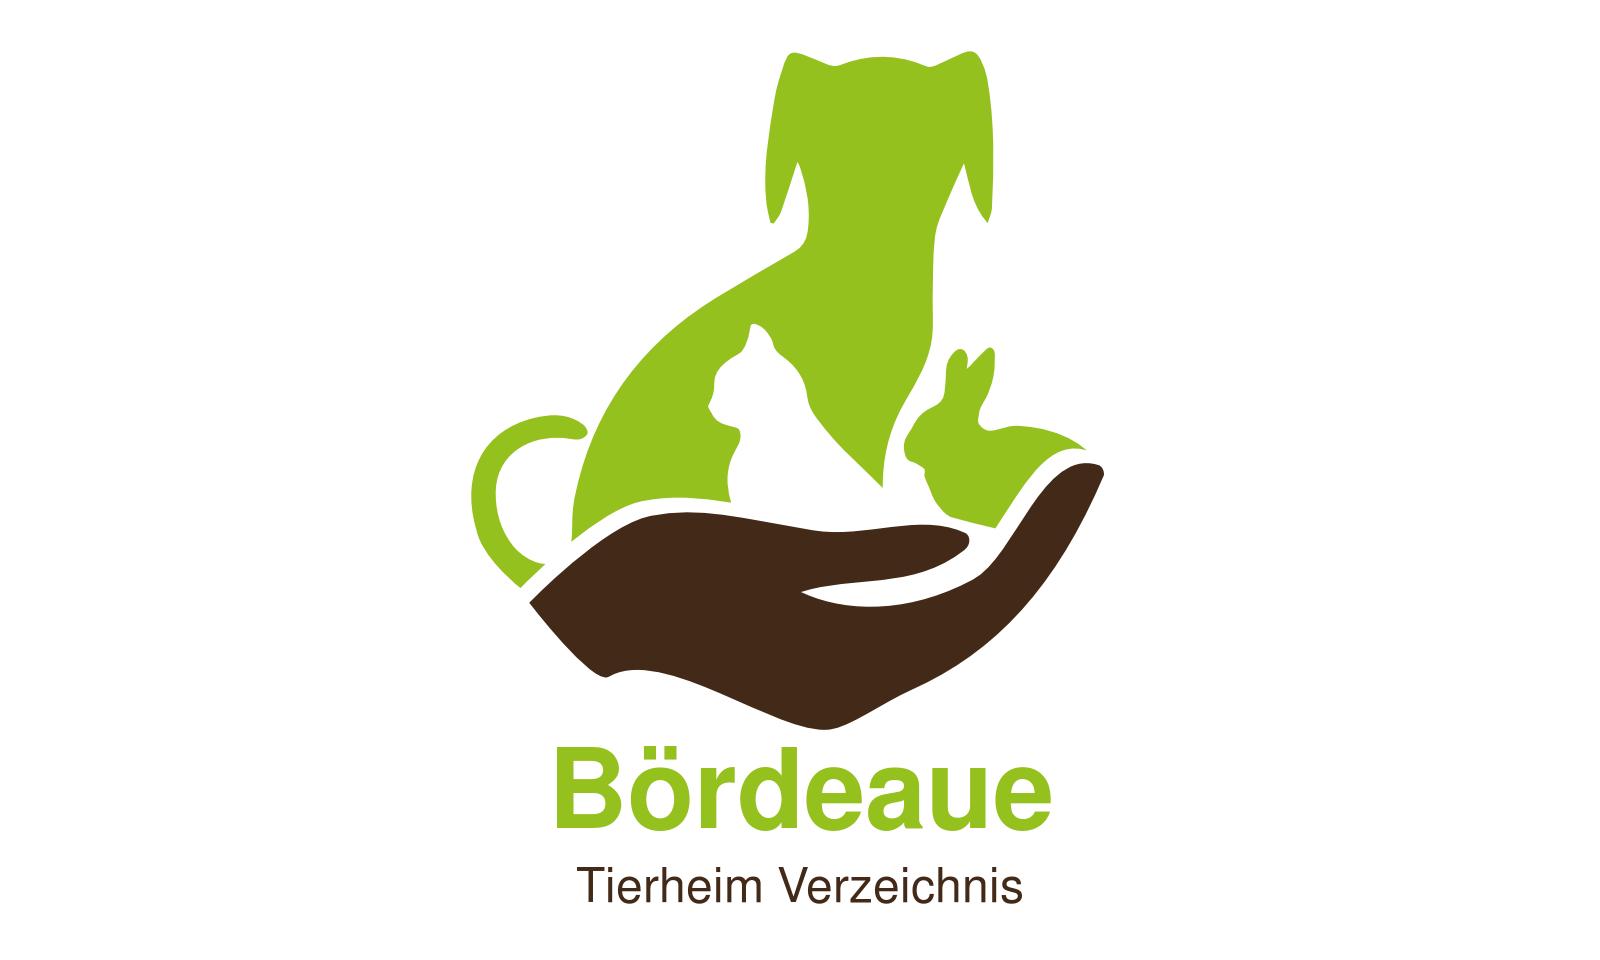 Tierheim Bördeaue